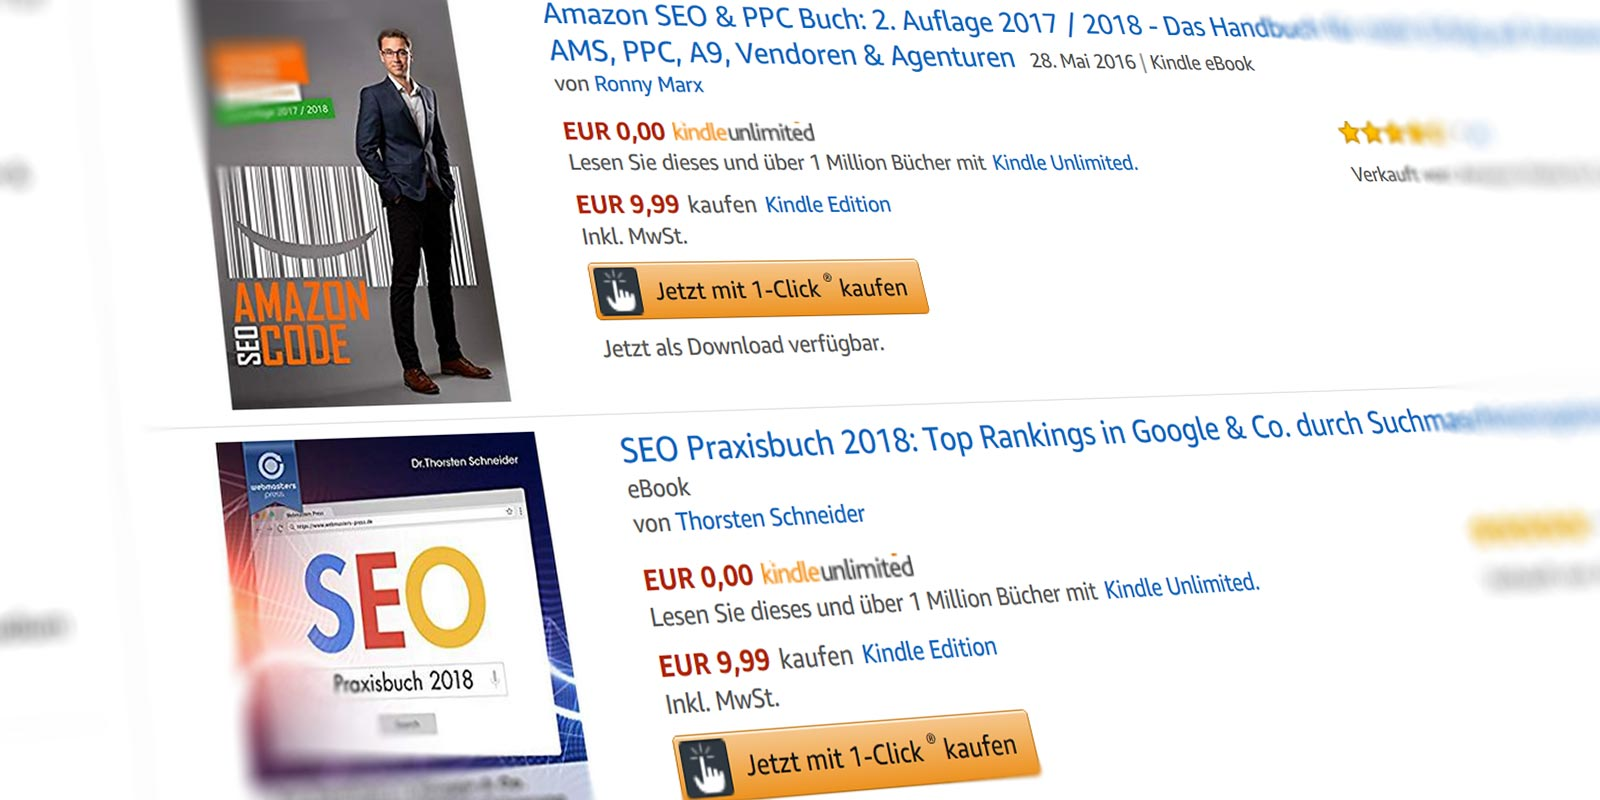 Warum ist Amazon so erfolgreich? - intomarkets